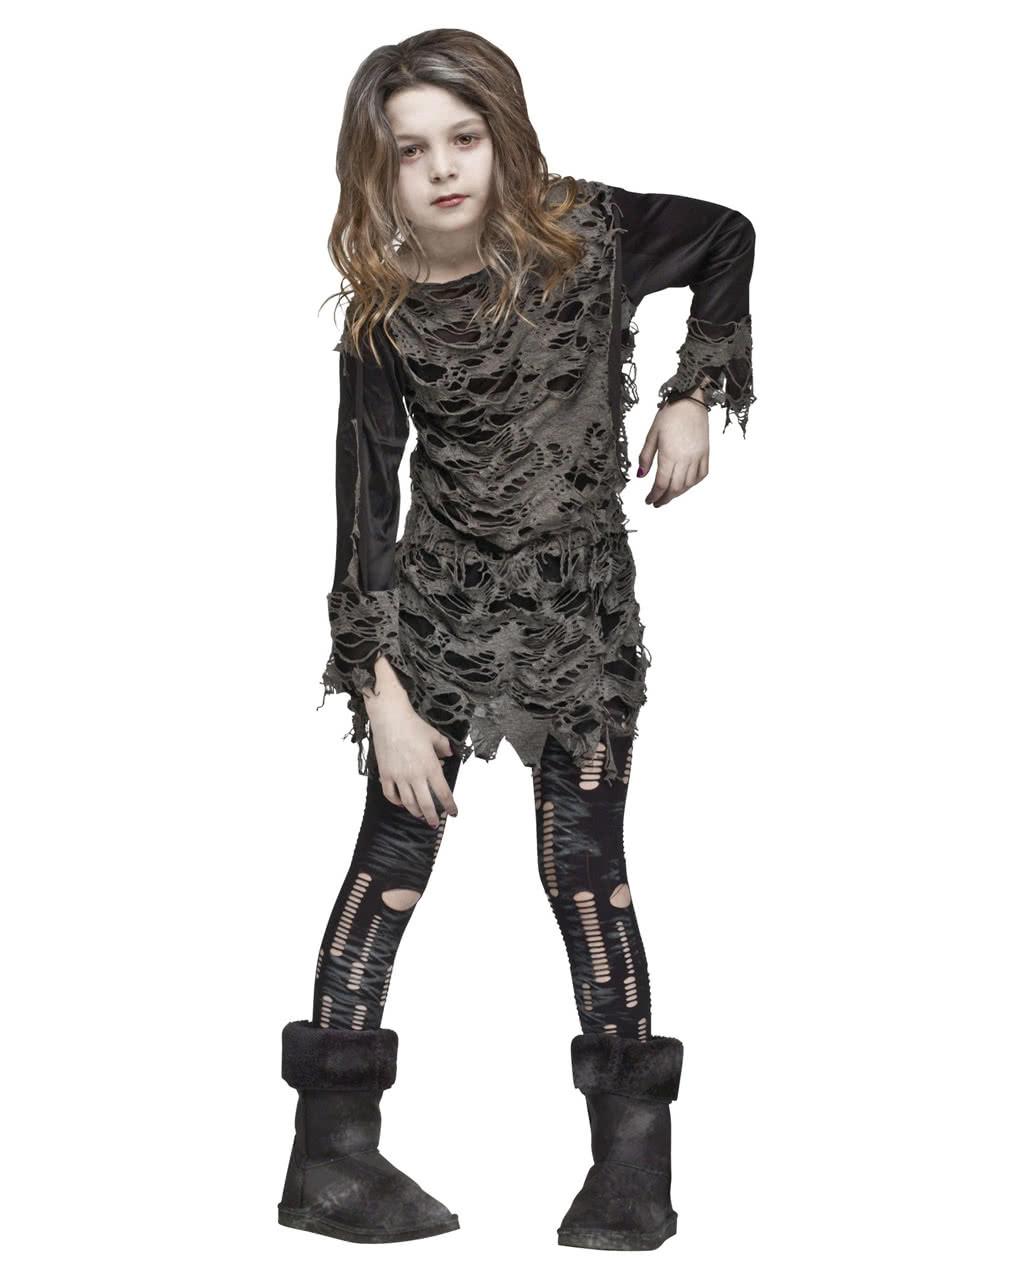 Walking Zombie Kostüm Für Mädchen Halloween Kostüm Horror Shopcom